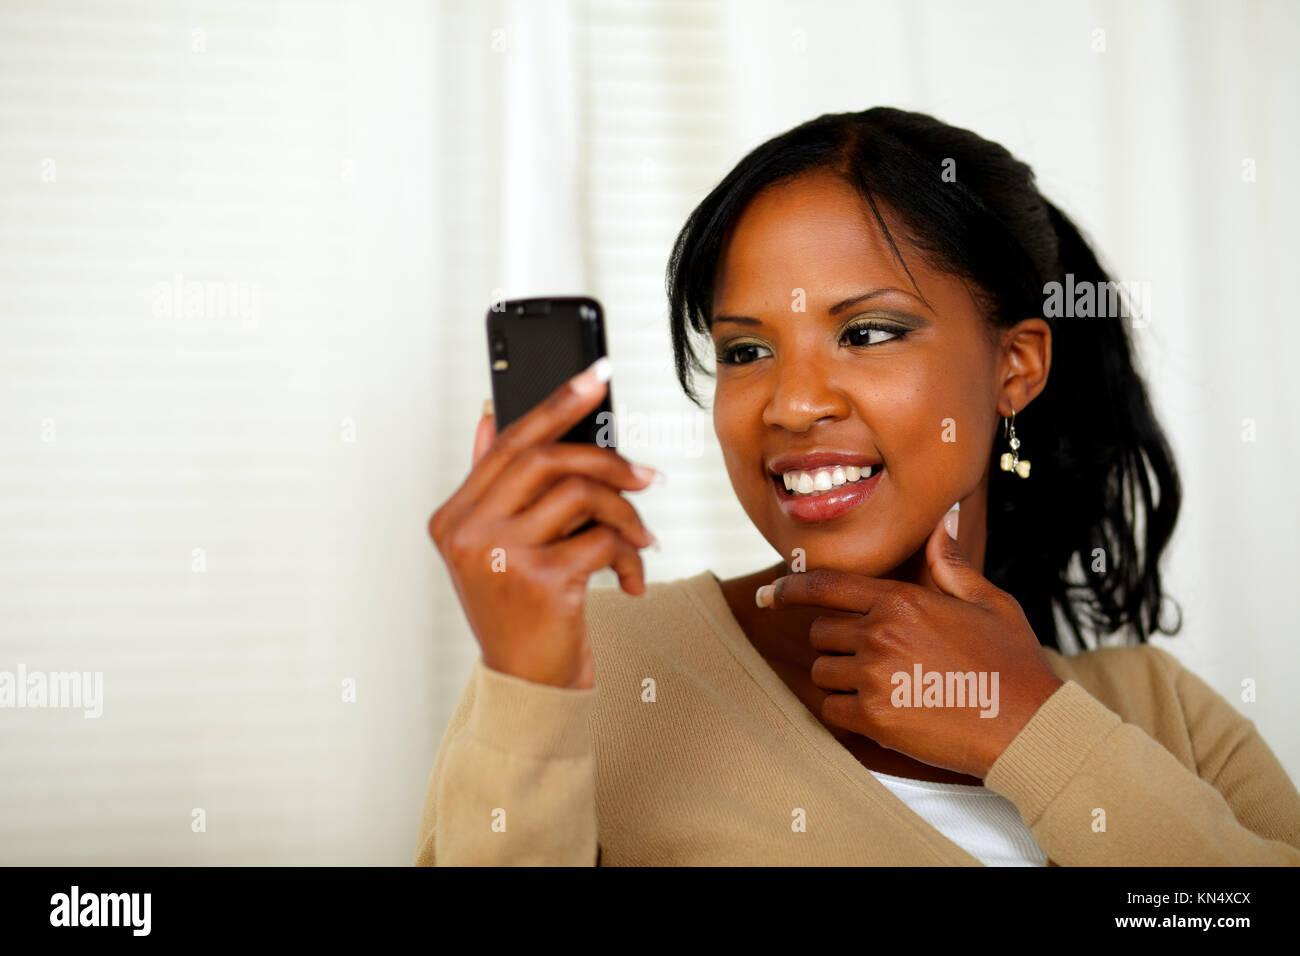 Portrait d'une femme lisant un message sur téléphone cellulaire. Photo Stock